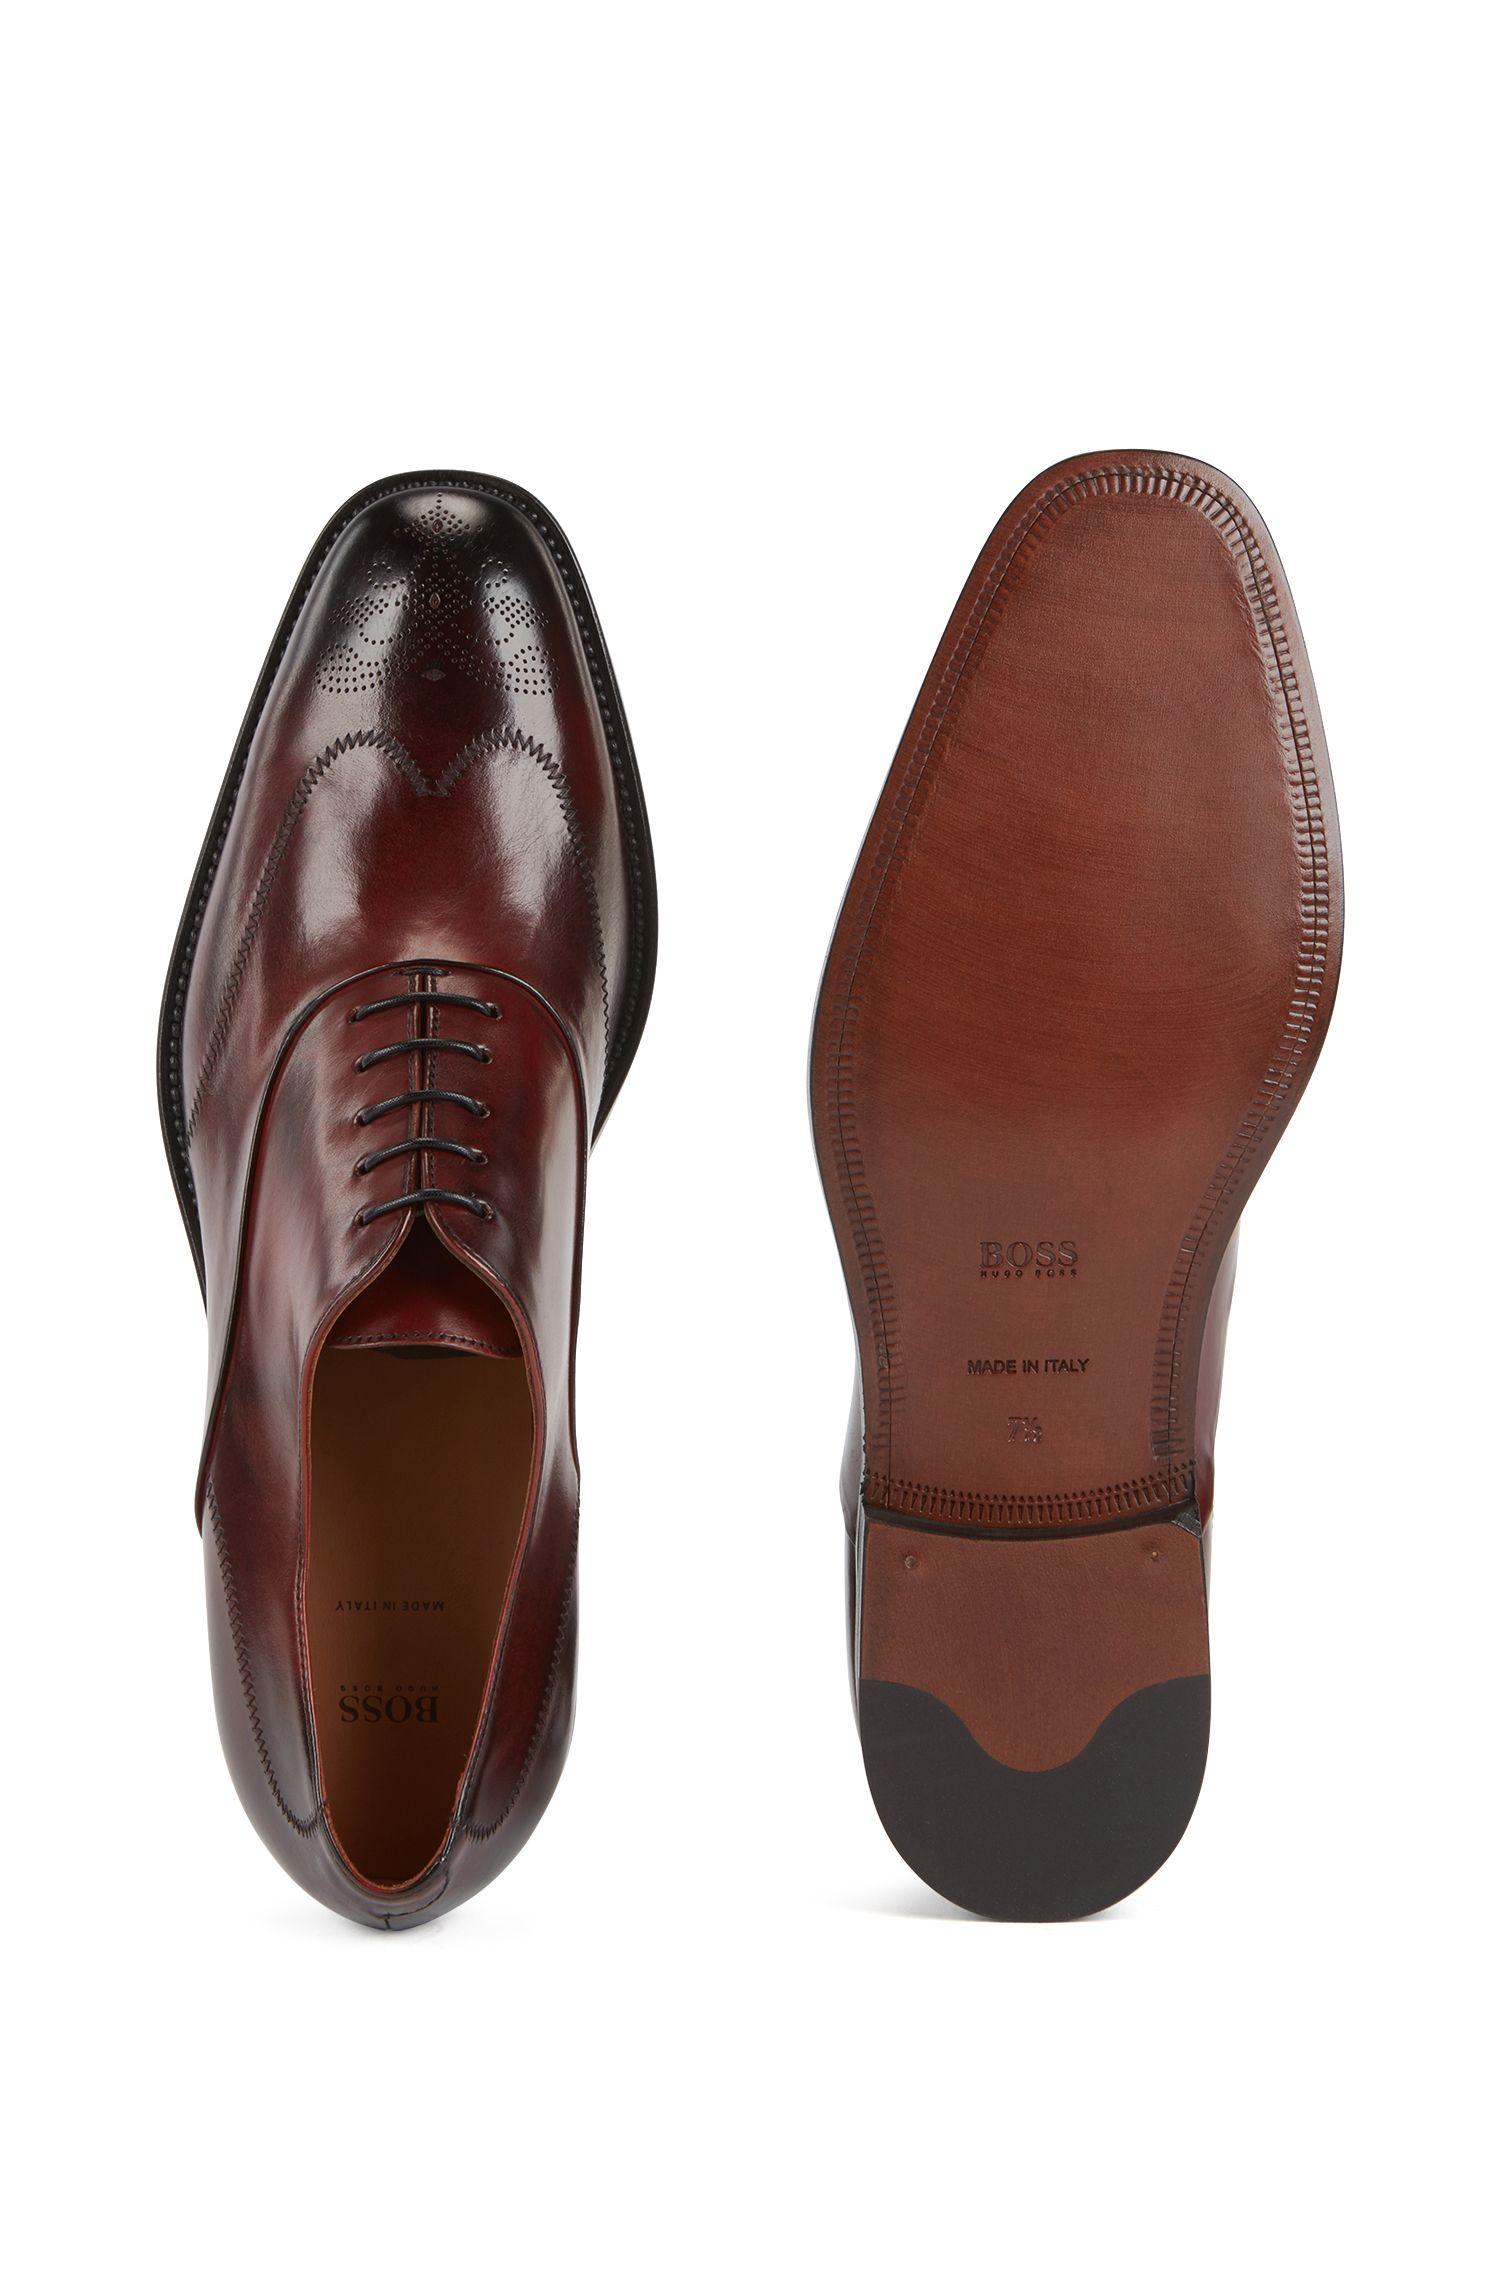 Chaussures Oxford en cuir de veau à ornements découpés au laser